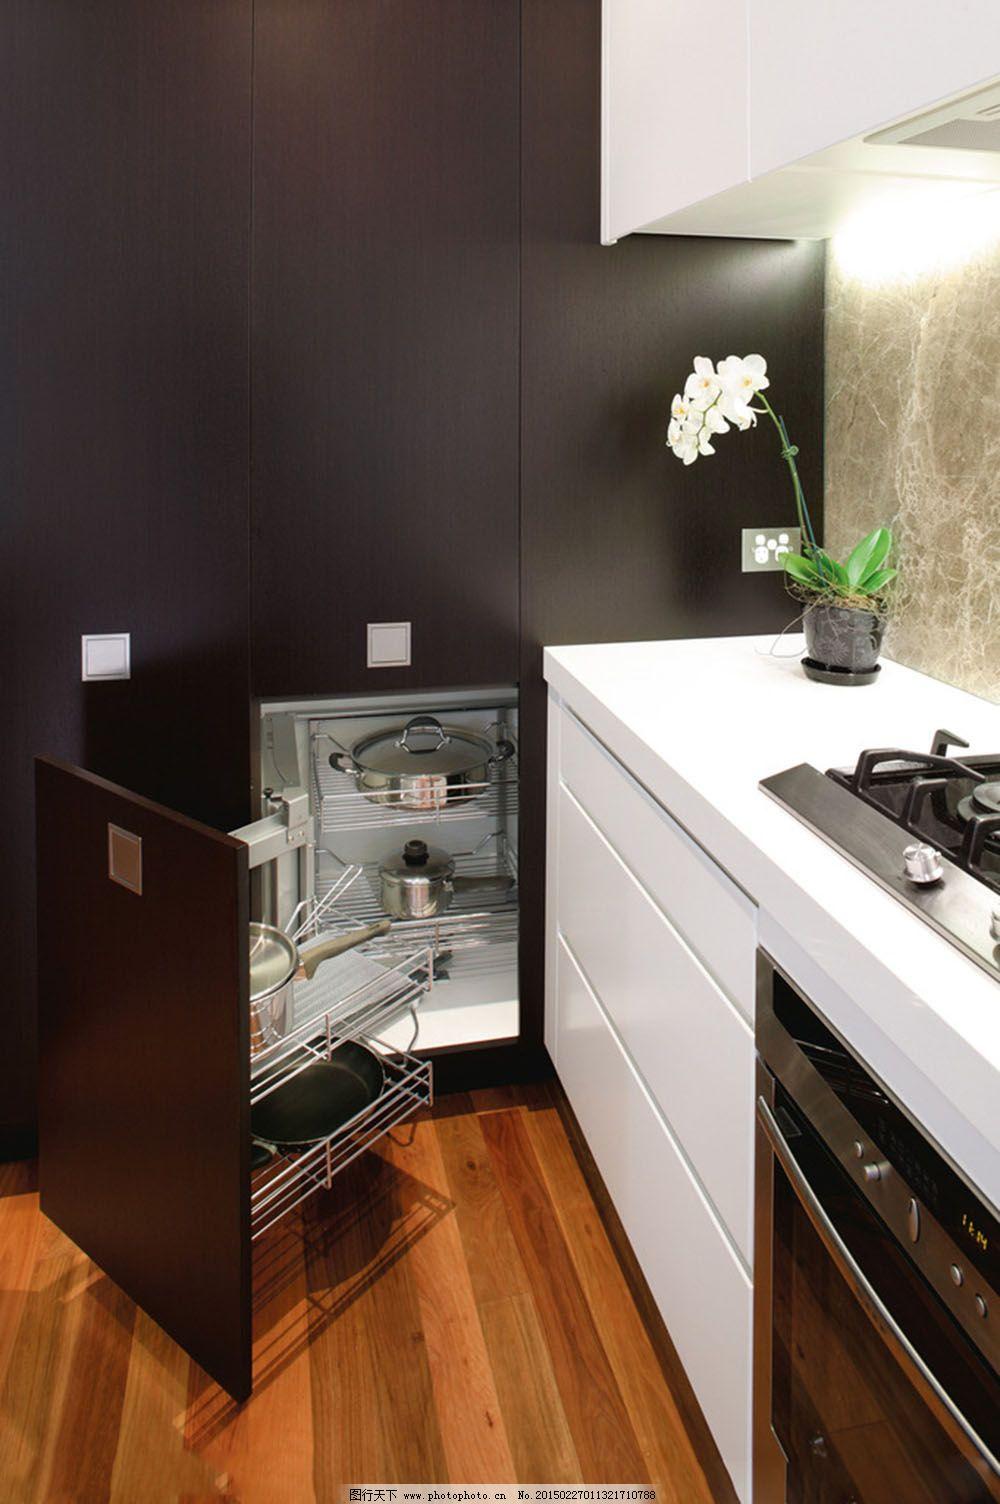 黑色柜子厨房_室内设计_装饰素材_图行天下图库